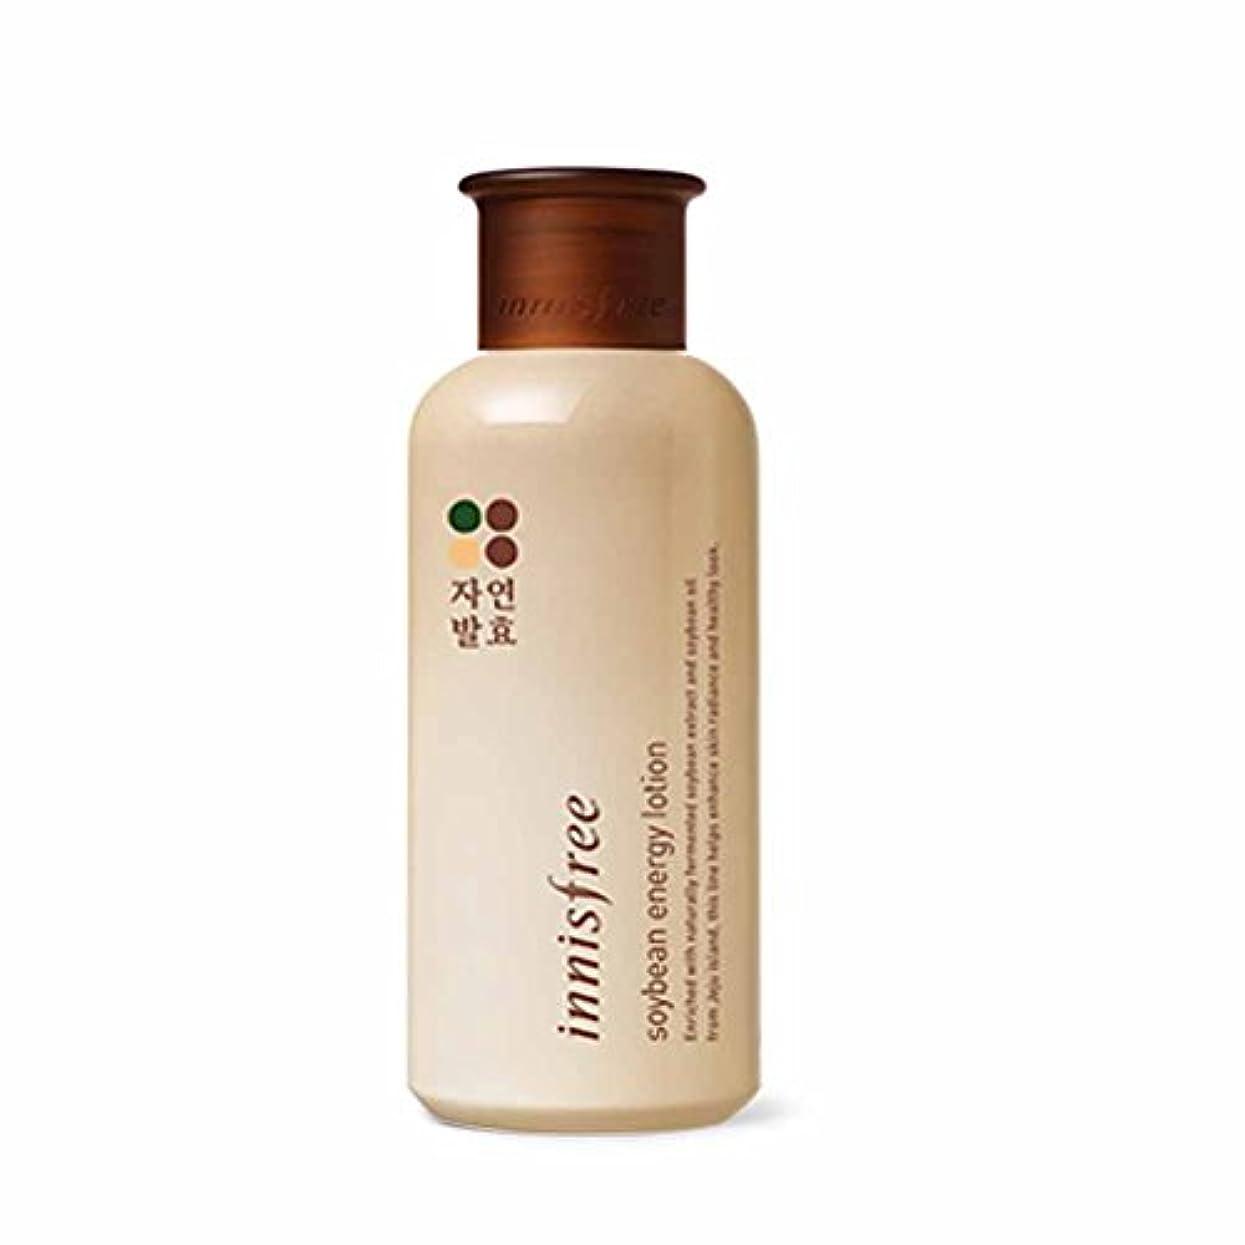 メンター異常なランダムイニスフリーソイビーンエナジースキン(トナー)200ml / Innisfree Soybean Energy Skin(Toner) 200ml[海外直送品][並行輸入品]